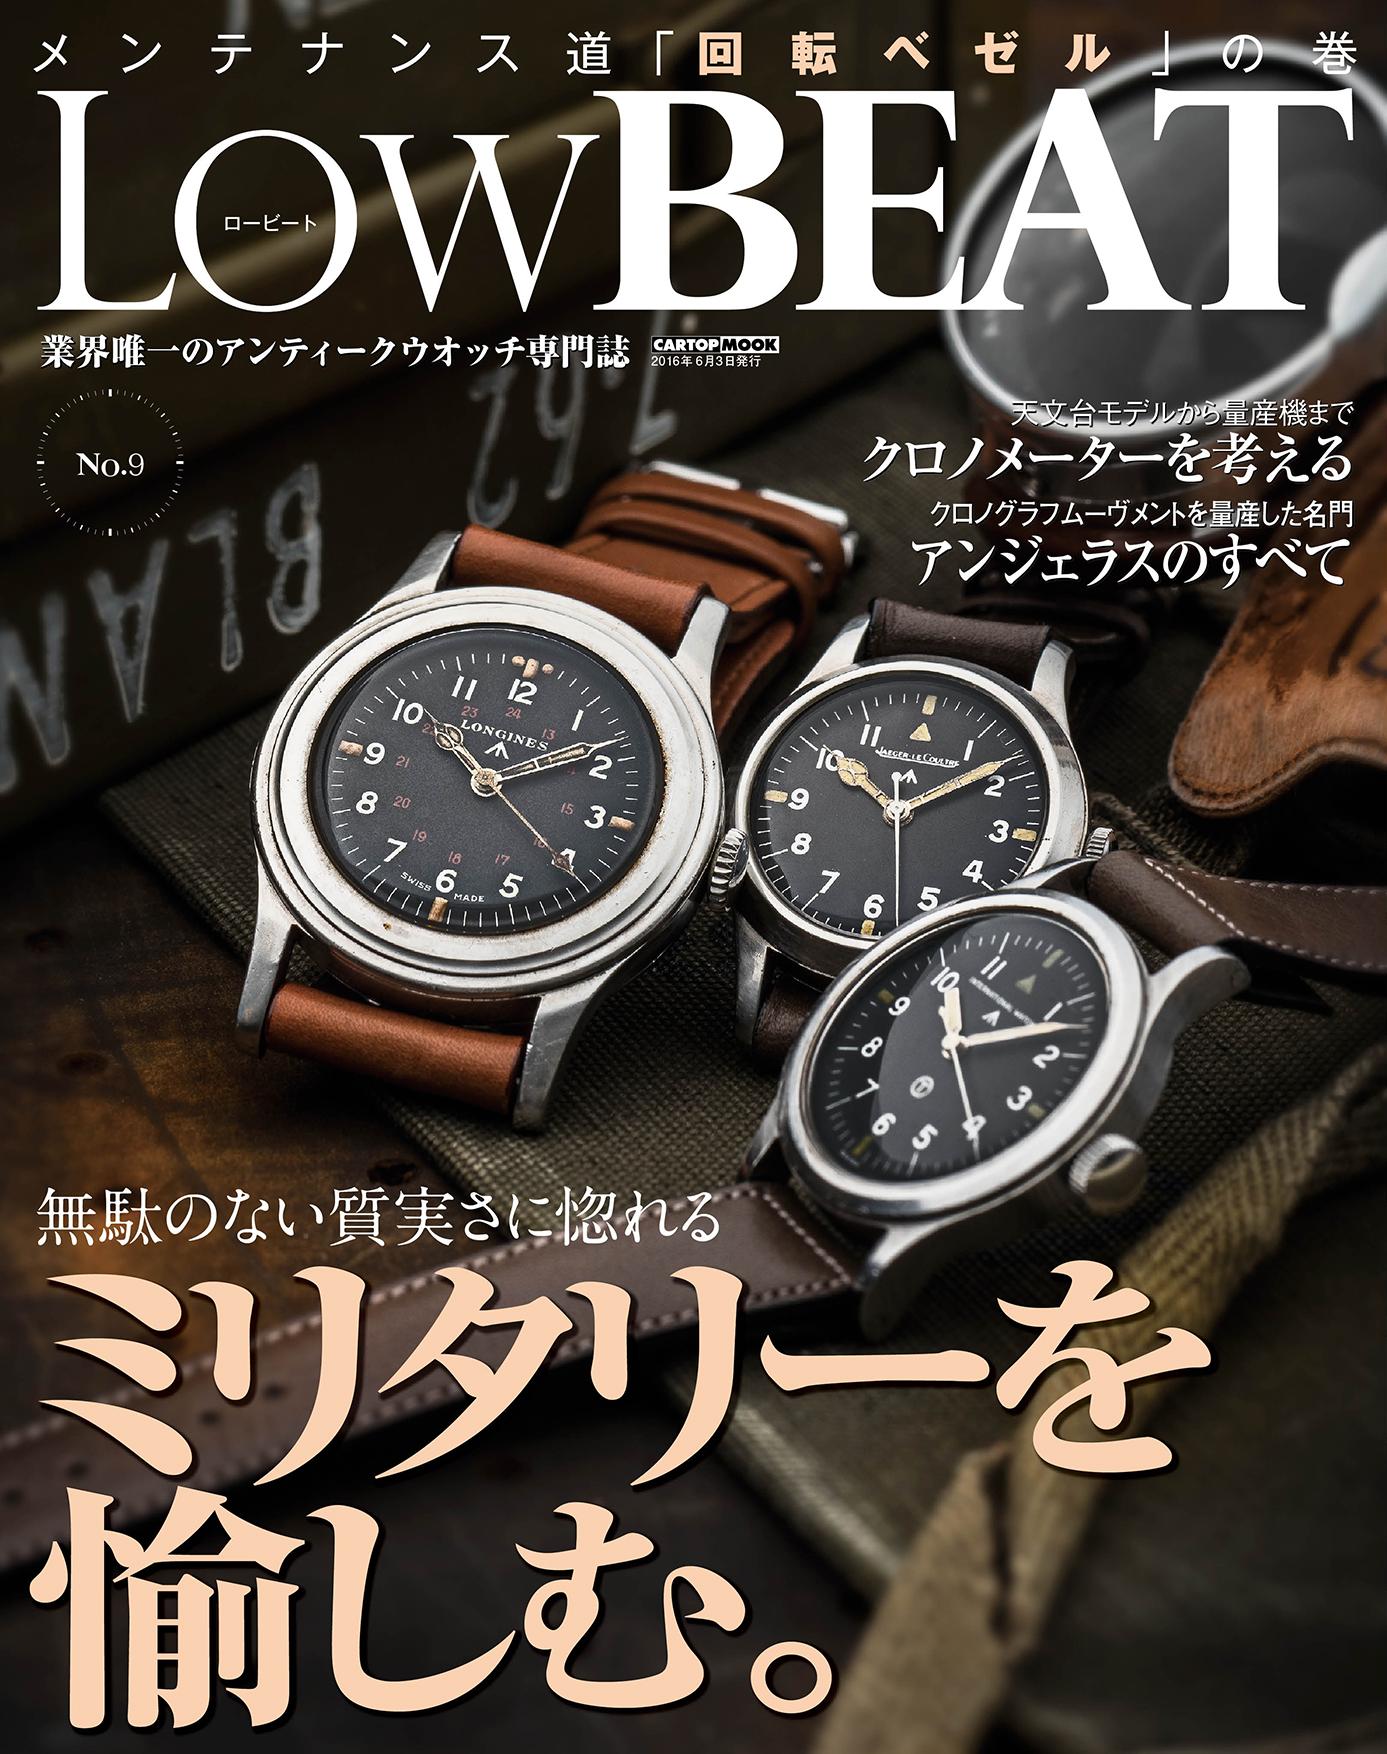 C's-Factory|書籍|LowBEAT No.9